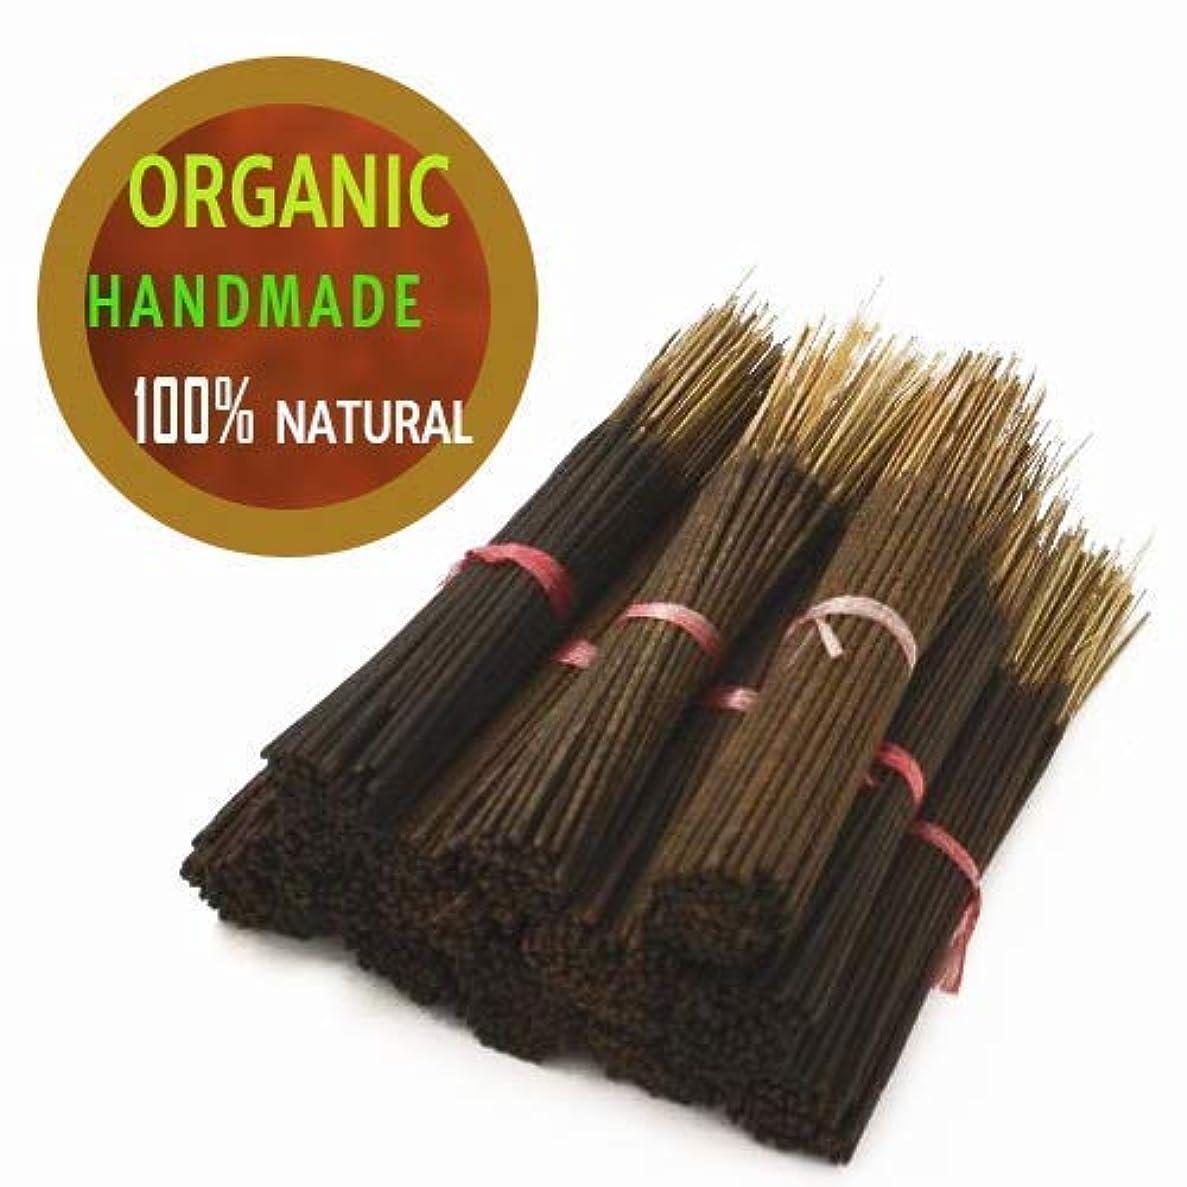 いたずらなブースロマンスYajna Frankincense And Myrrh 100% Natural Incense Sticks Handmade Hand Dipped The Best Woods Scent (500 Pack-100...